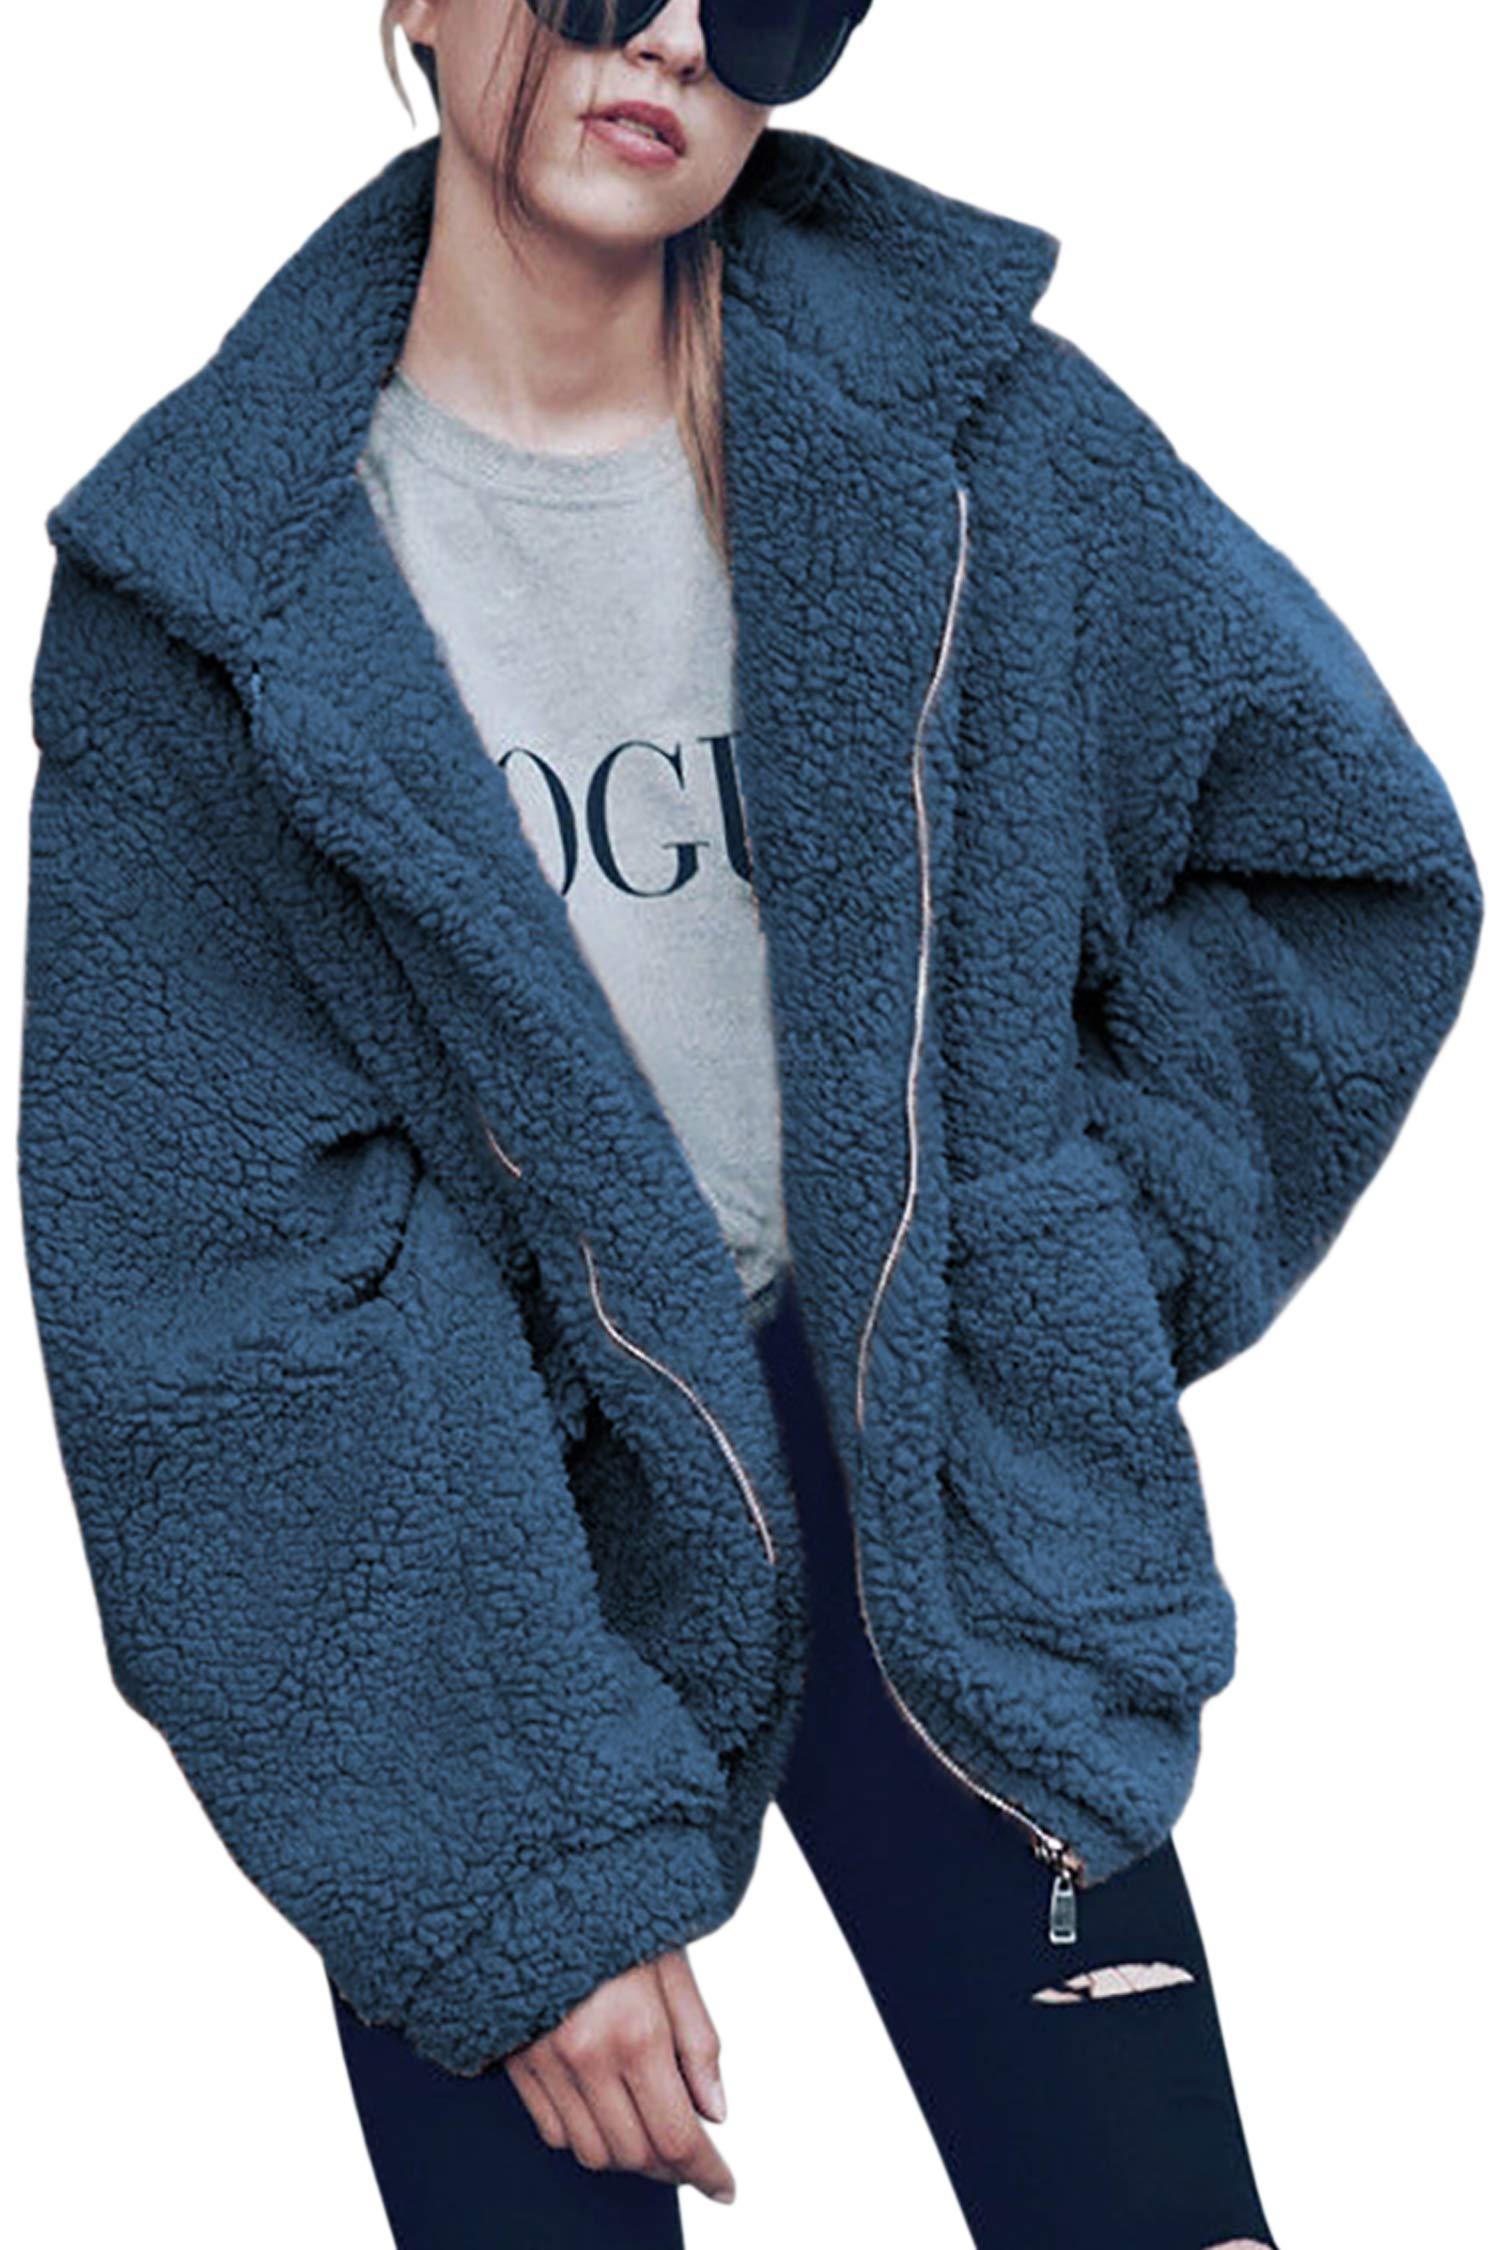 ECOWISH Women's Coat Casual Lapel Fleece Fuzzy Faux Shearling Zipper Warm Winter Oversized Outwear Jackets Blue XL by ECOWISH